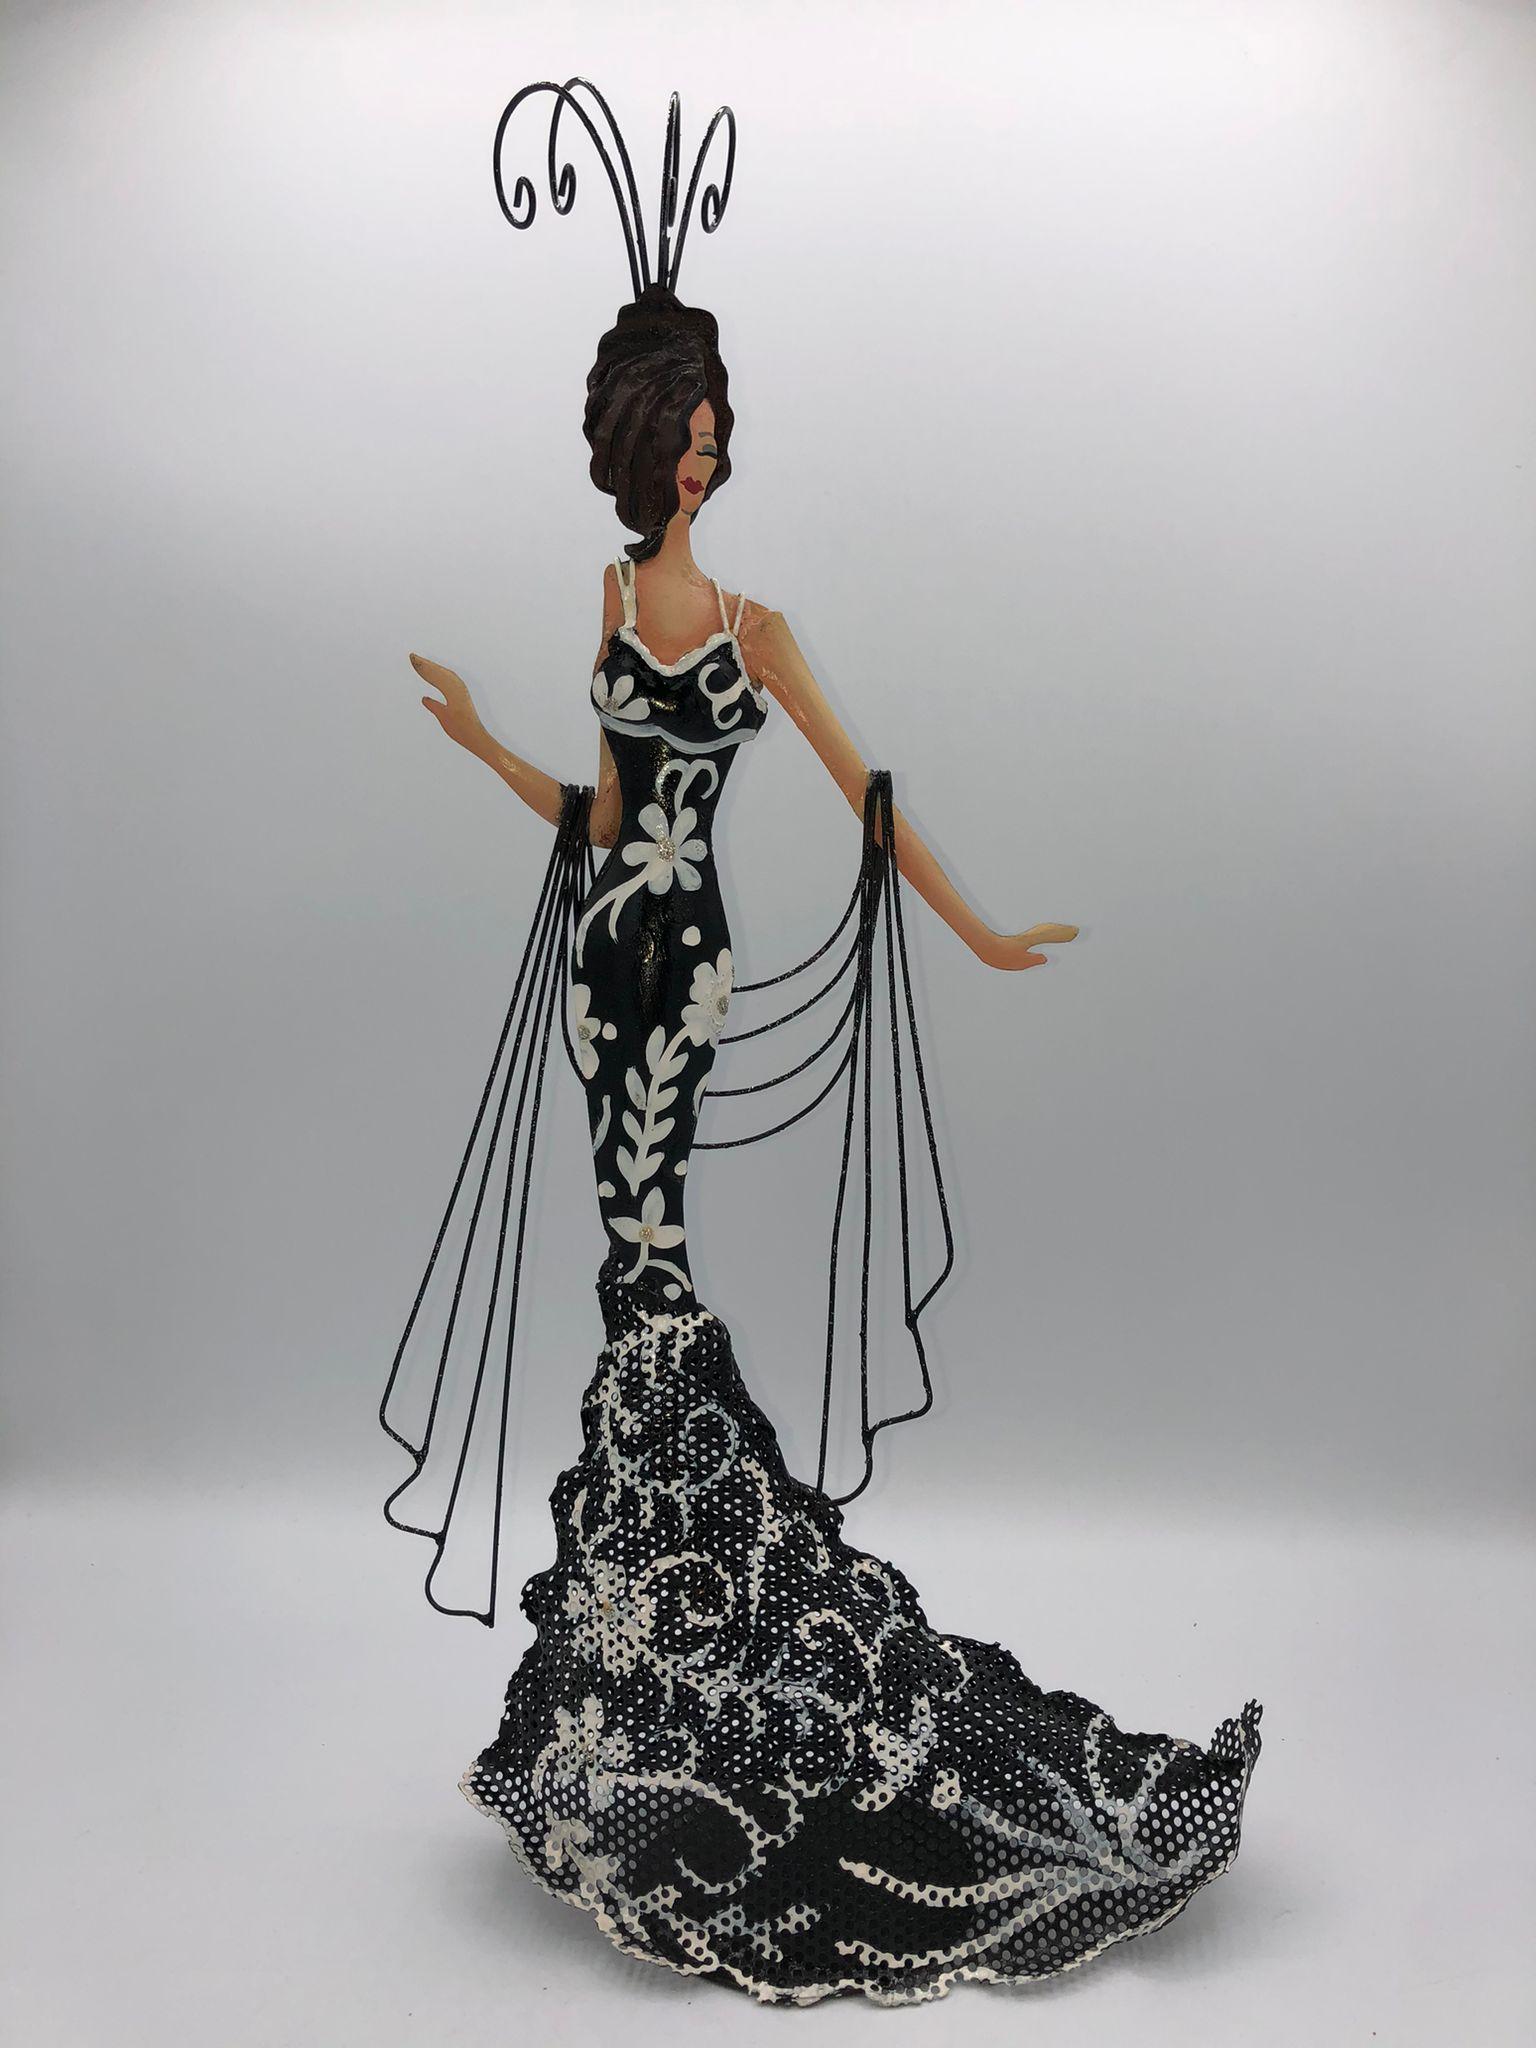 Colgador de joyas mujer flamenca